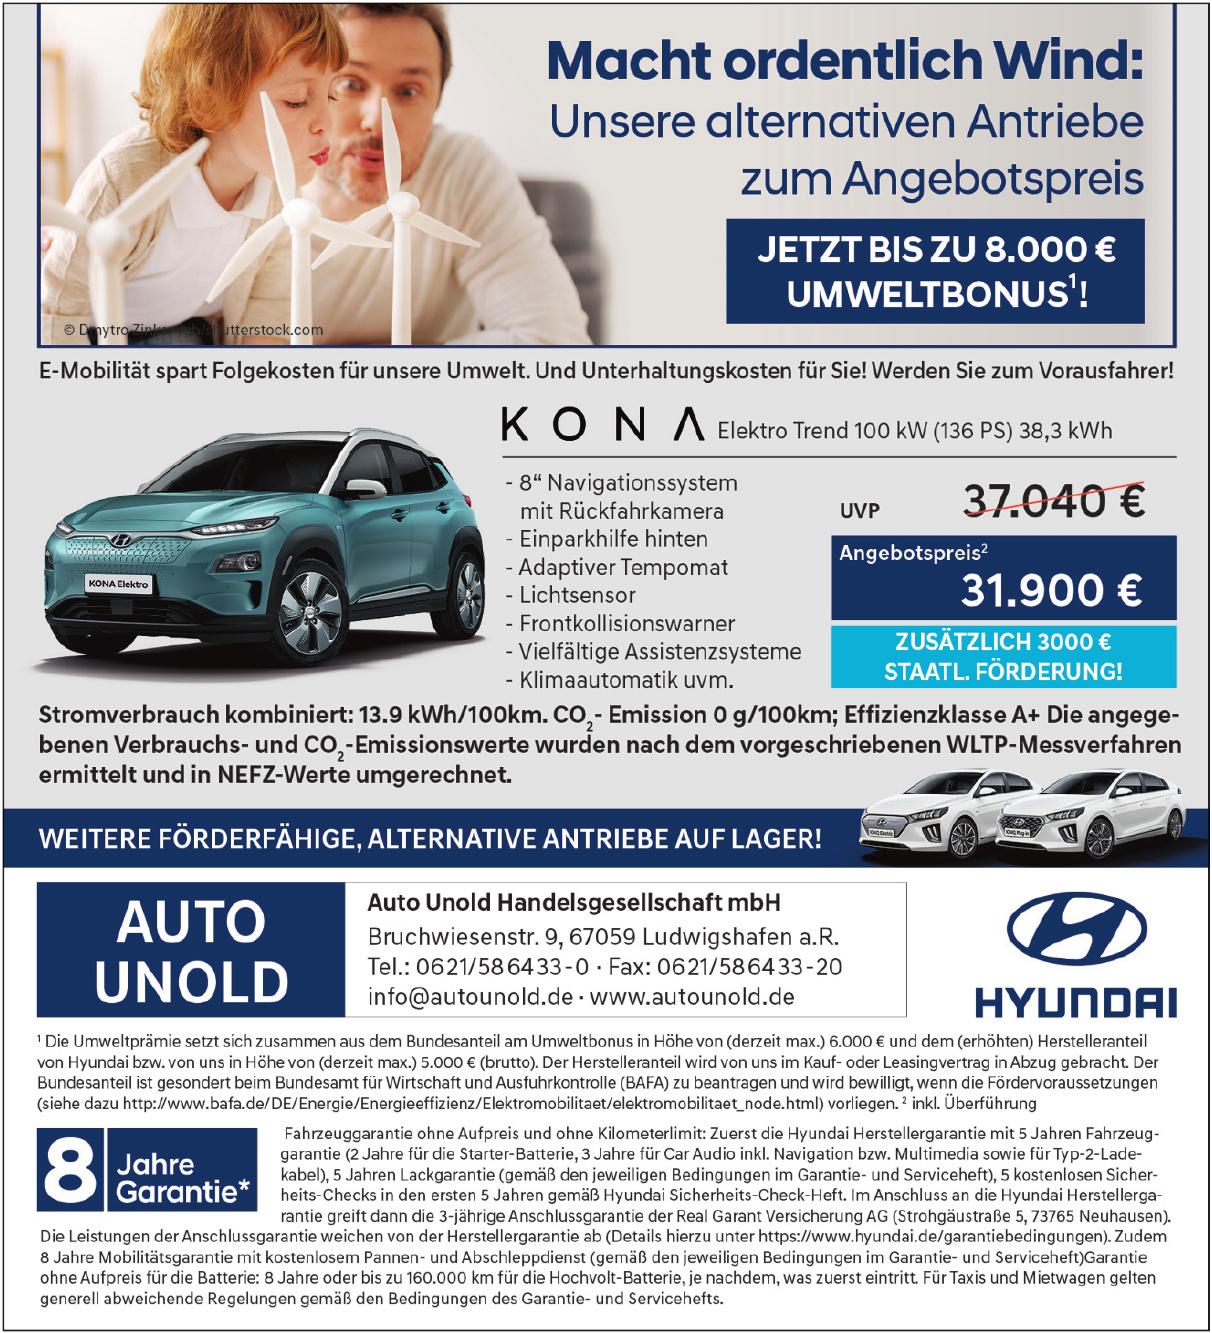 Auto Unold Handelsgesellschaft mbH